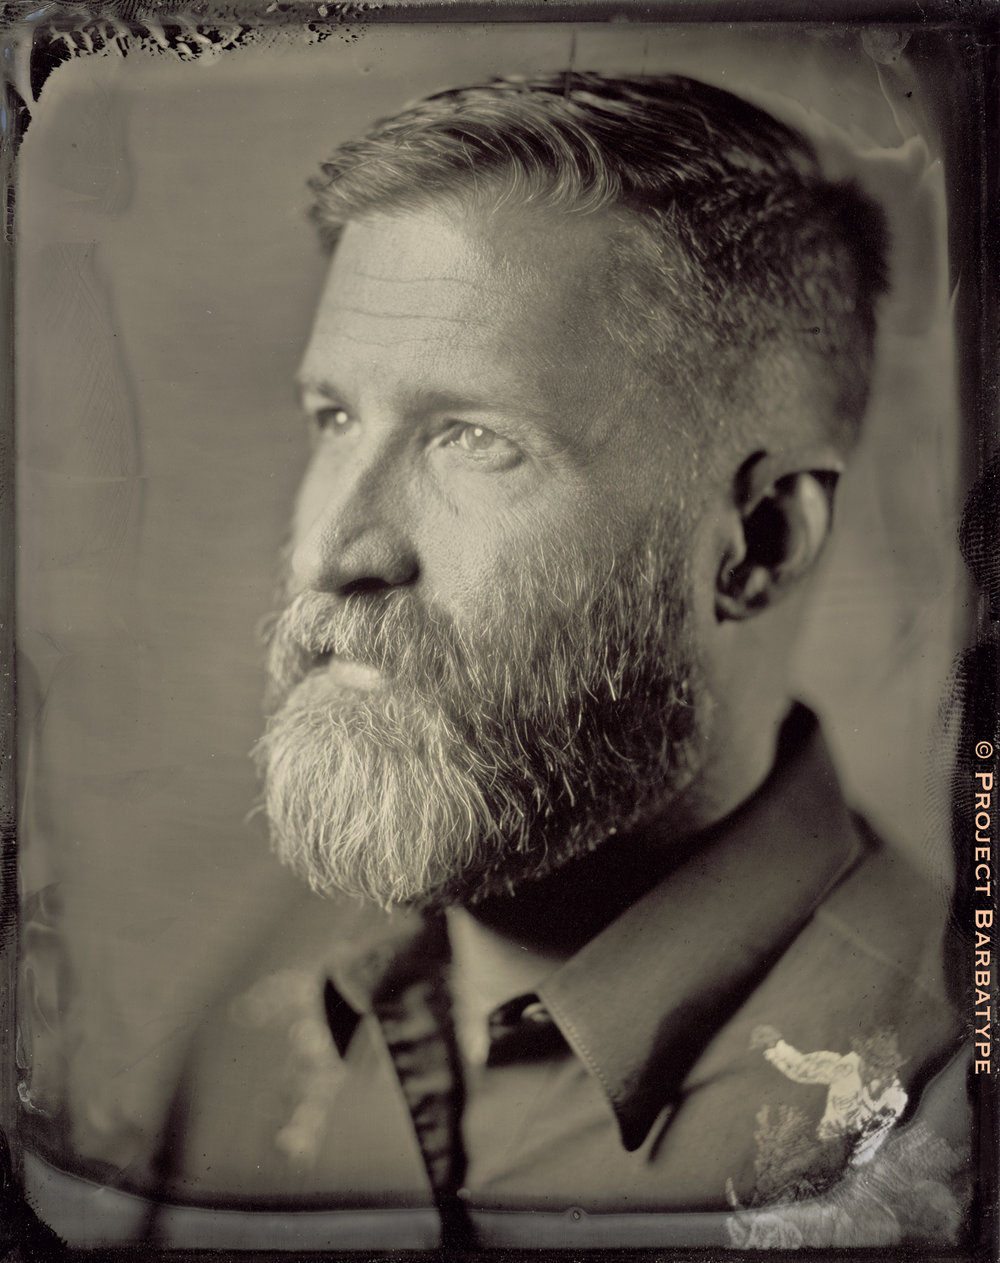 Brett Strauss